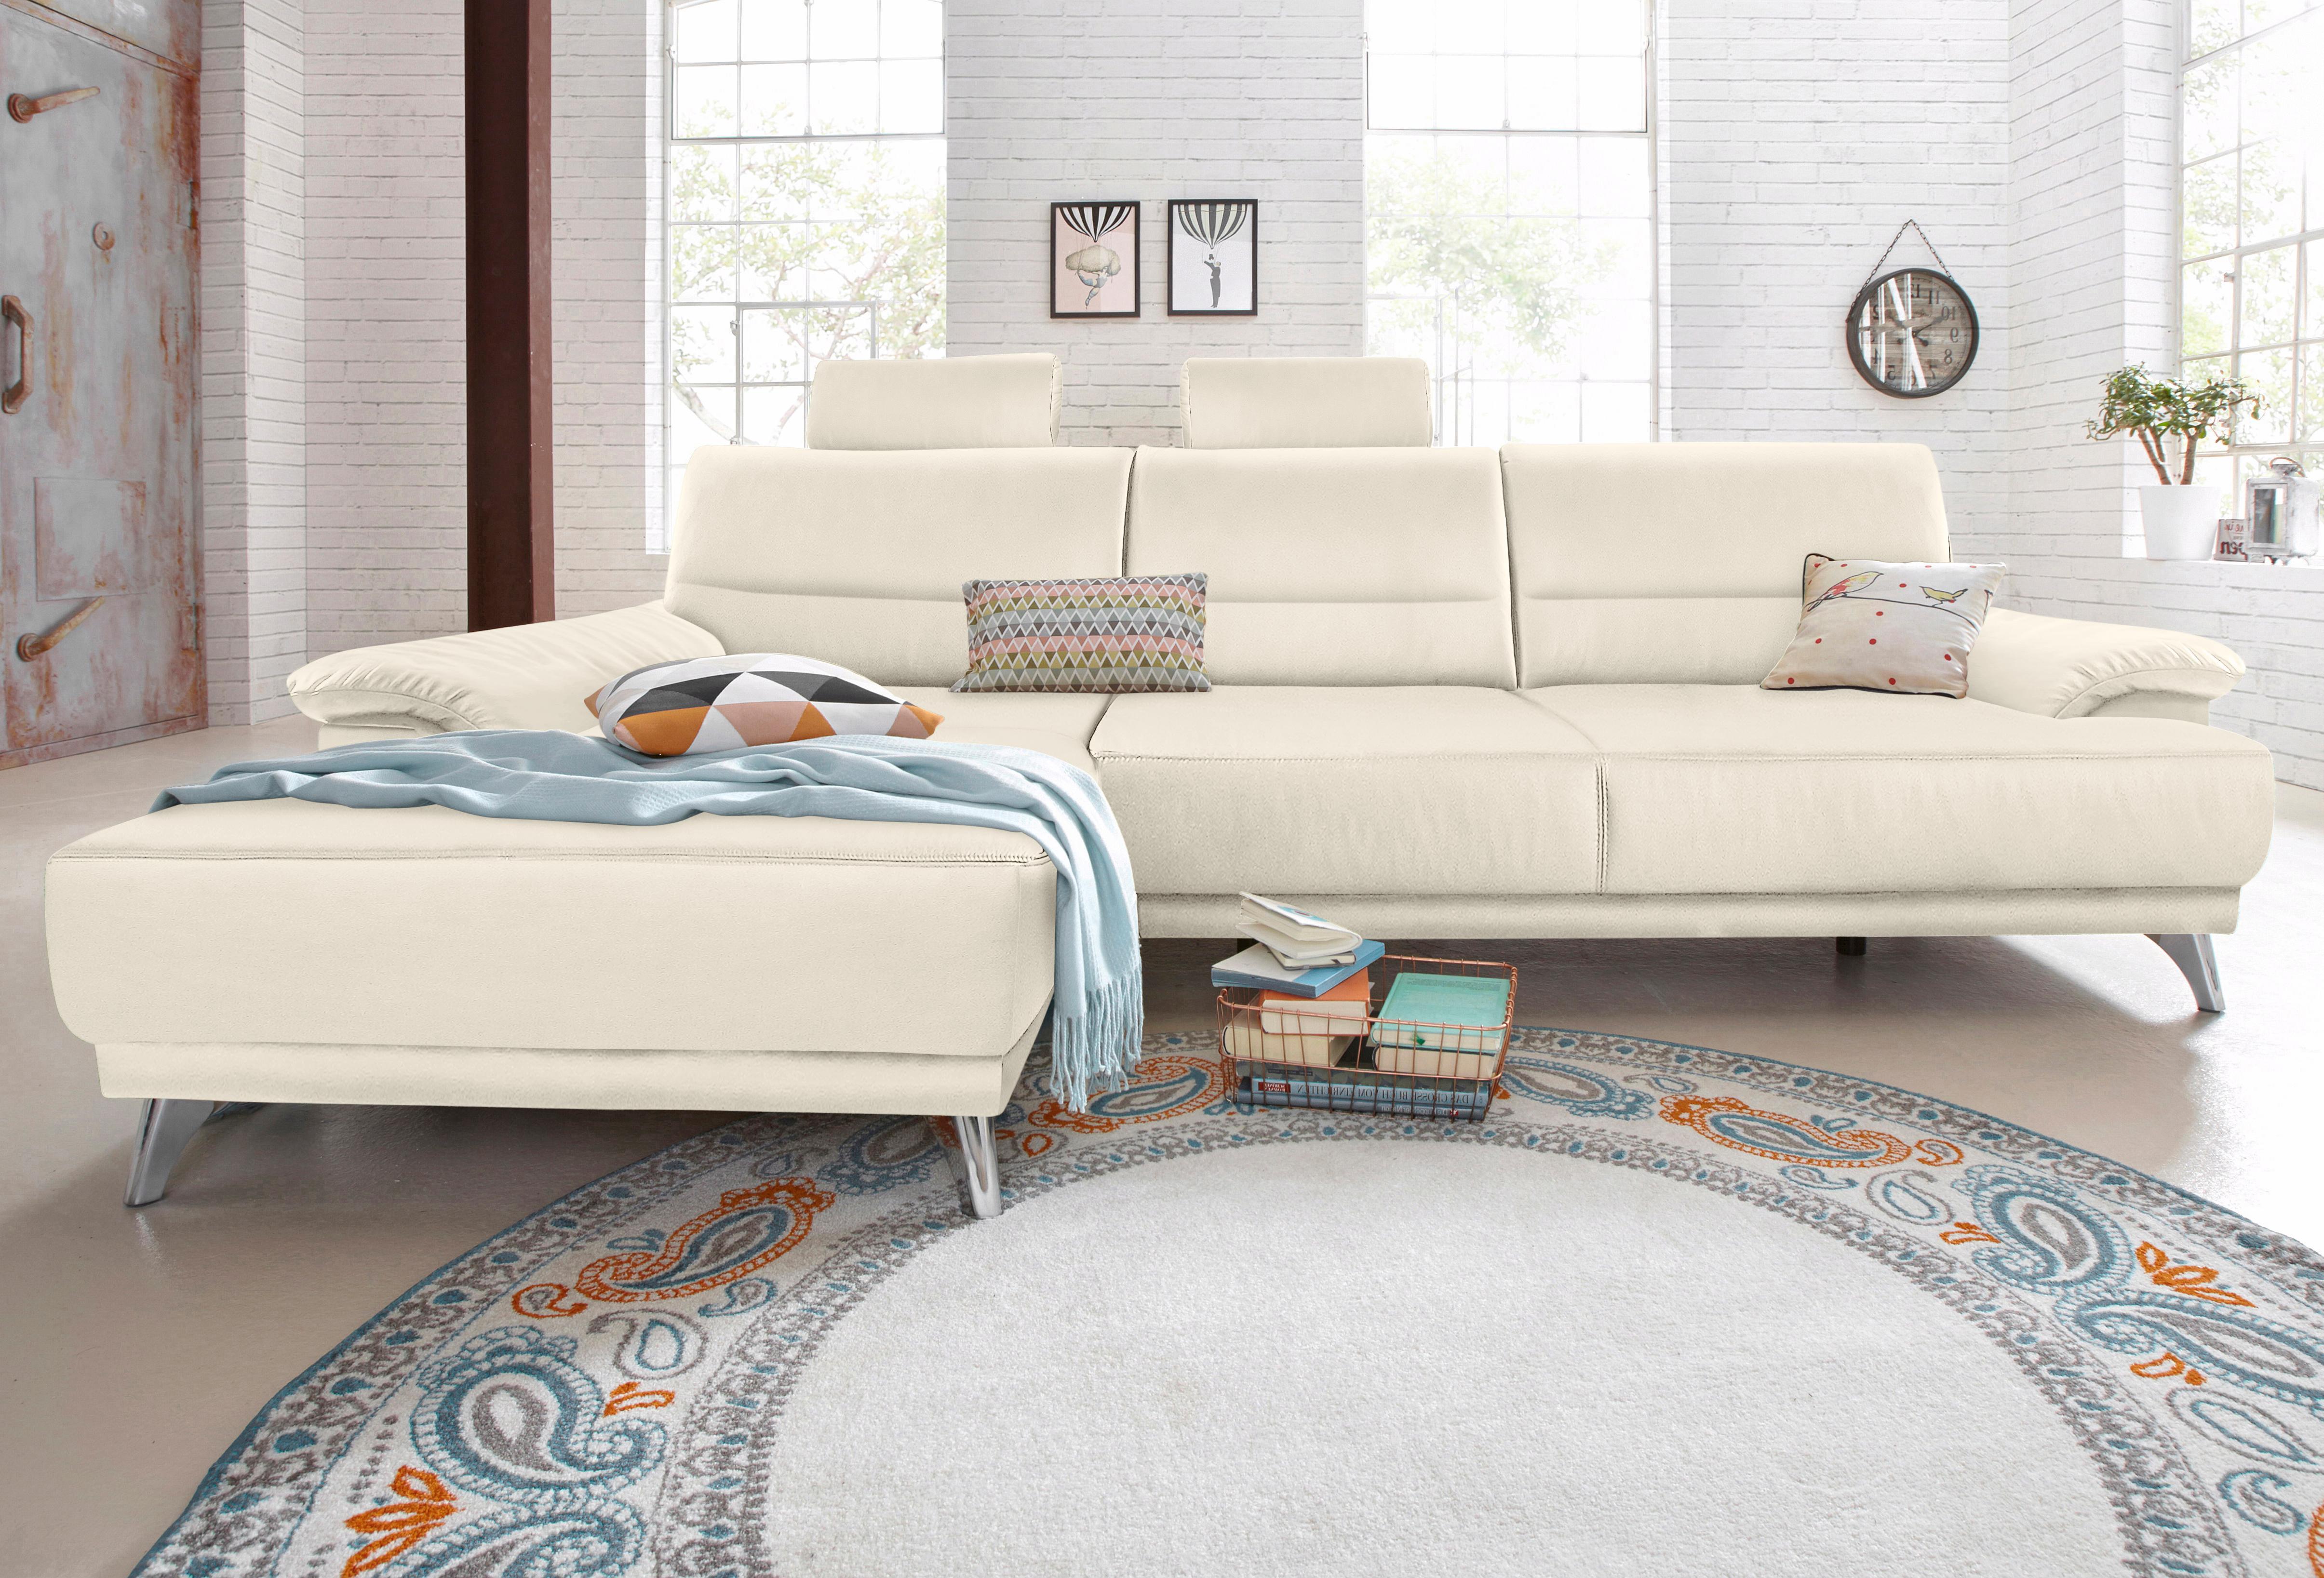 Wohnzimmer 2 Und 3 Si Sofas Couches Online Kaufen Mobel